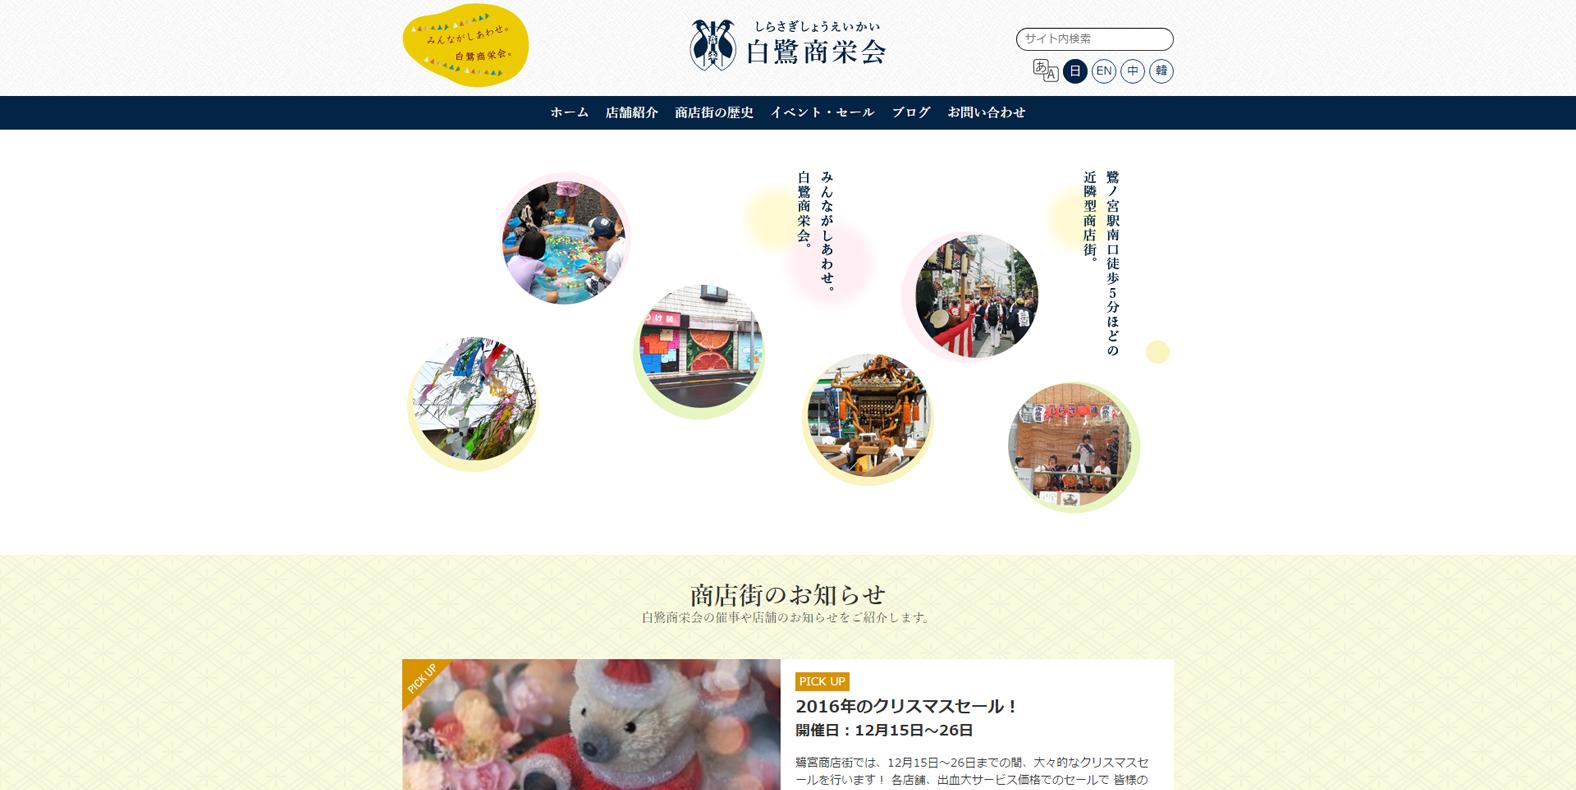 鷺宮商栄会 公式サイト